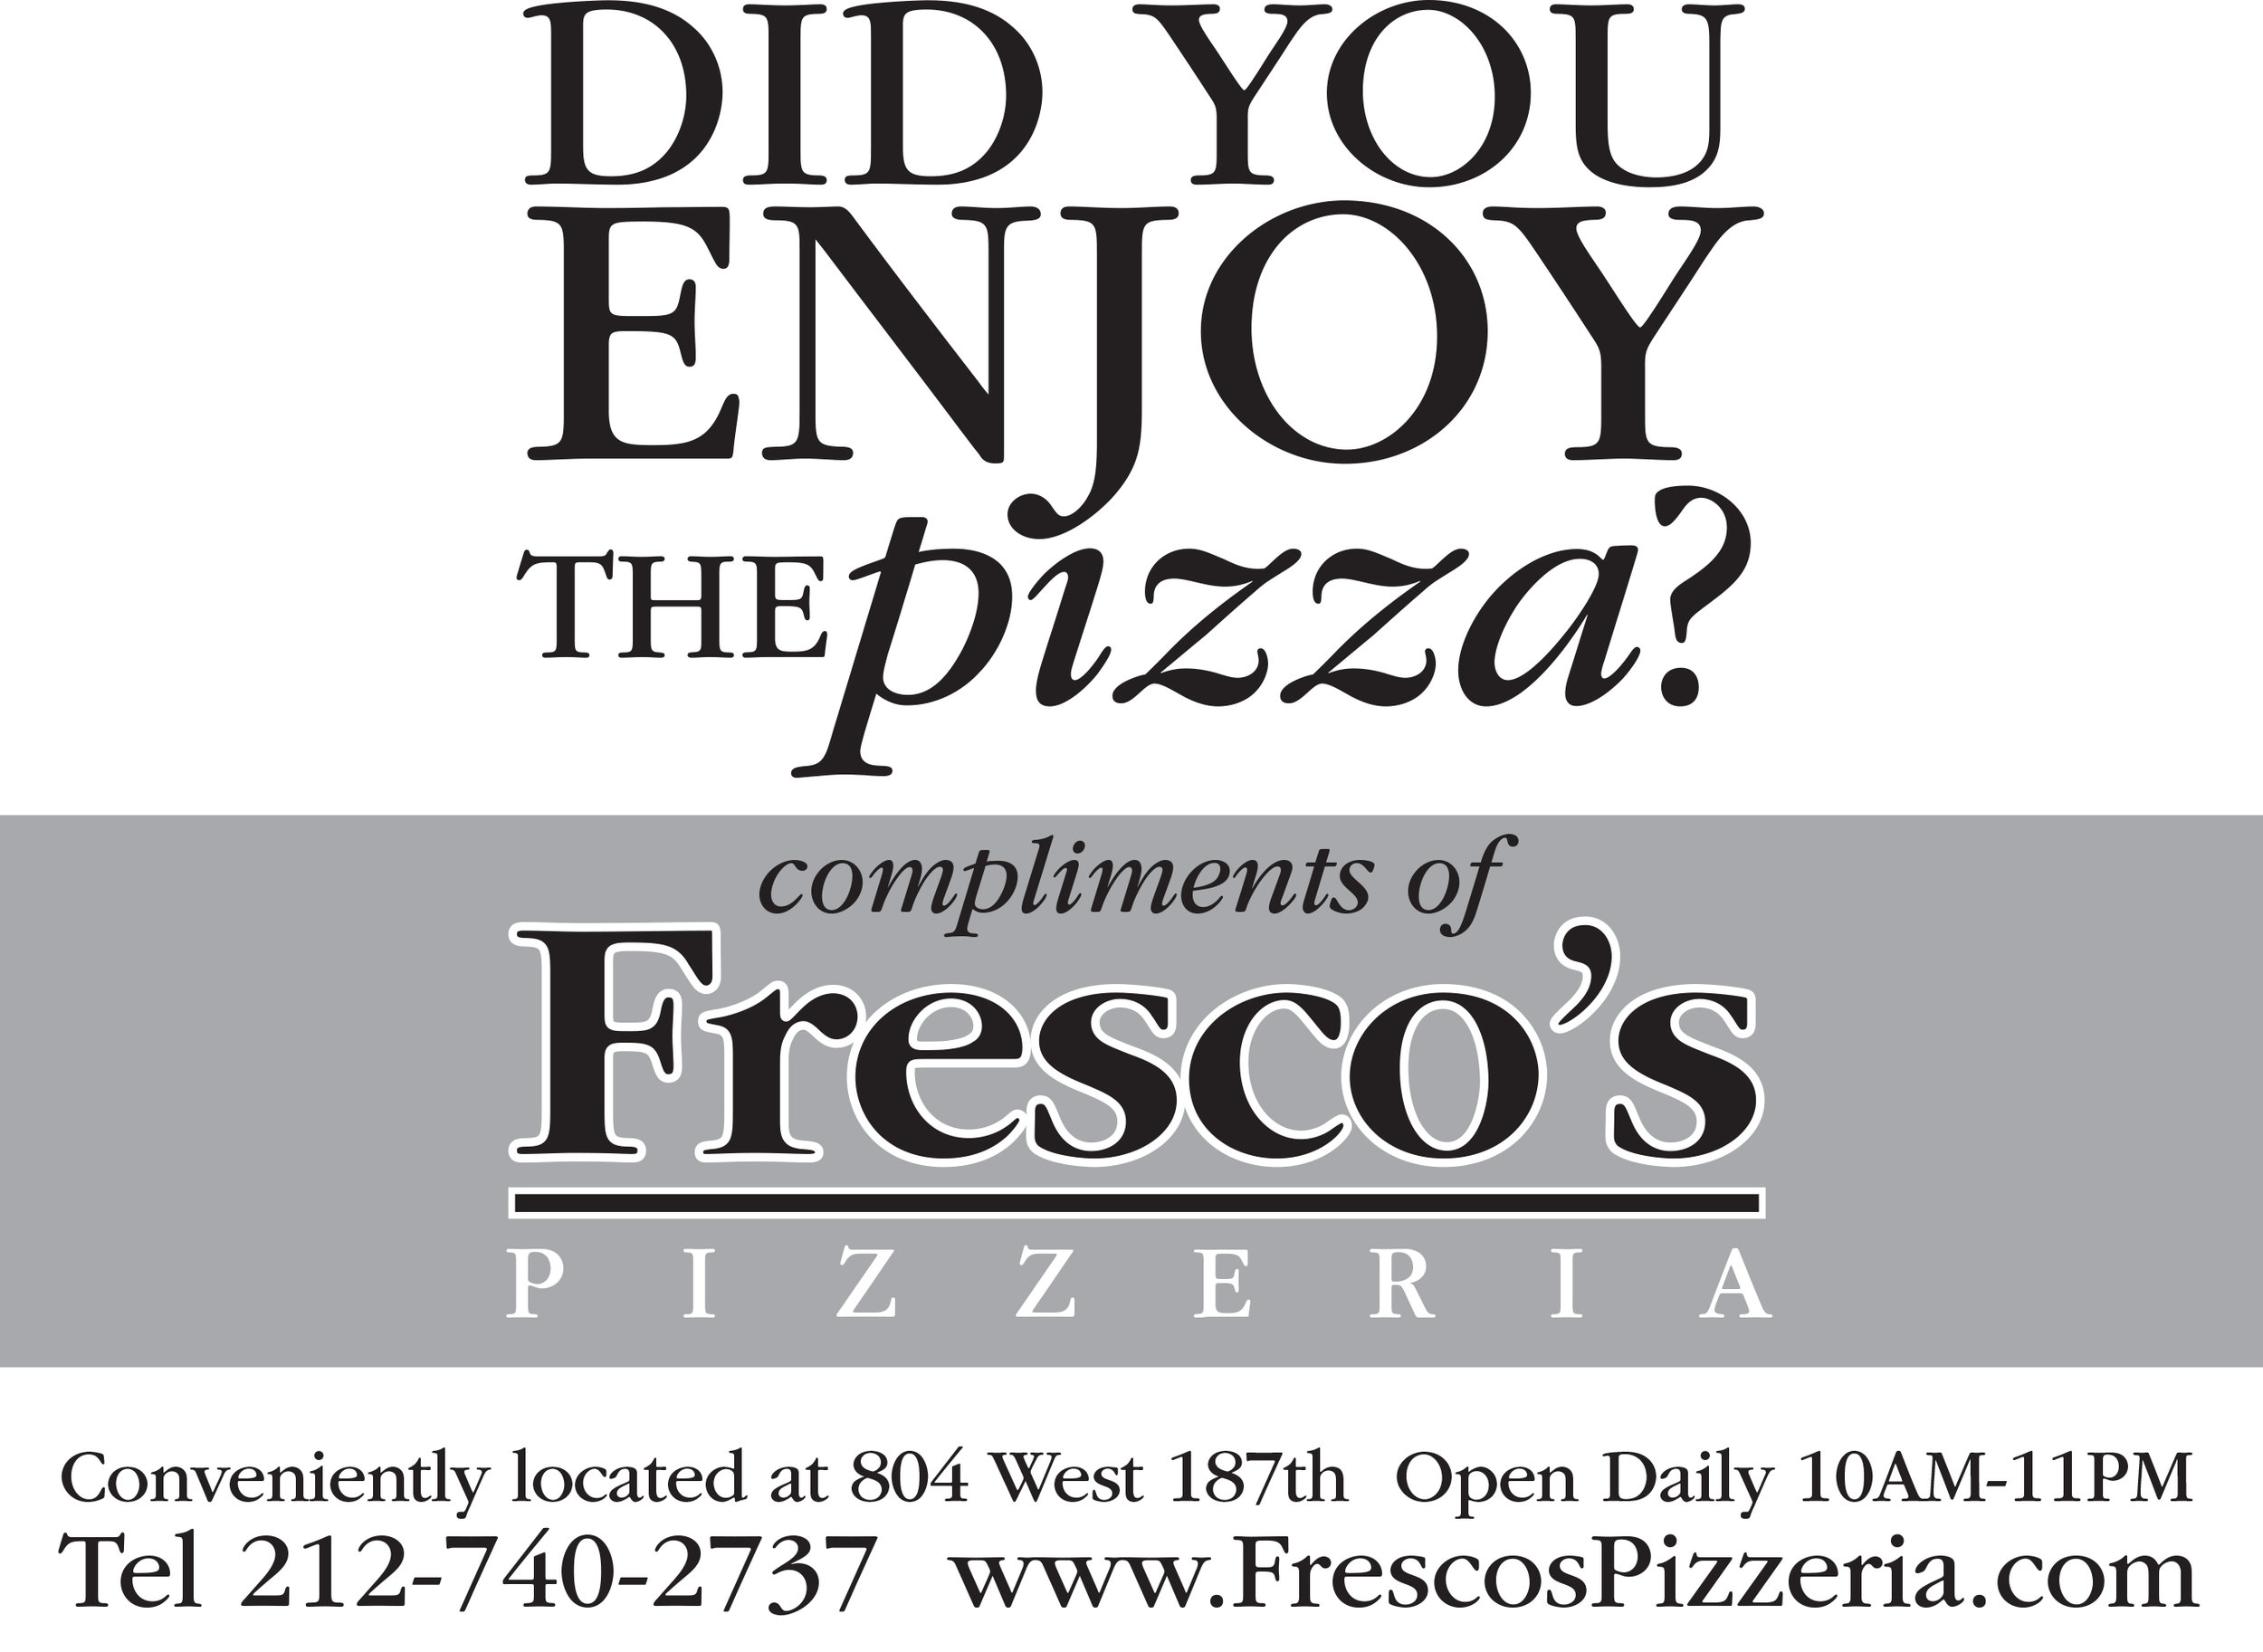 Fresco's Pizzeria